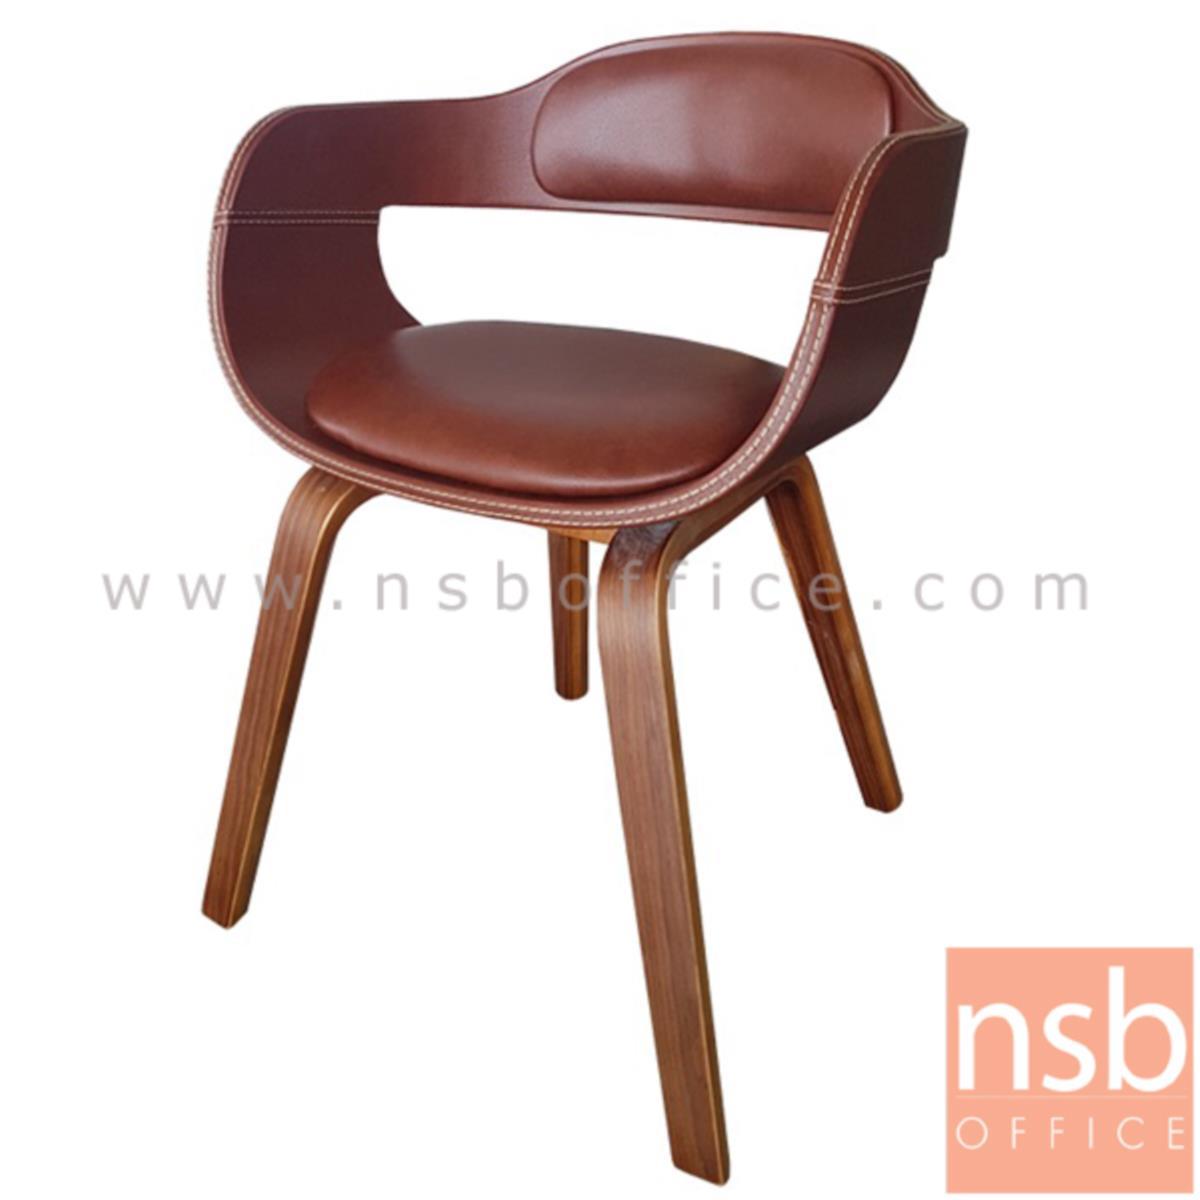 B29A203:เก้าอี้โมเดิร์นหนังเทียม รุ่น Cairo (ไคโร) ขนาด 40W cm. โครงขาไม้ปิดผิววีเนียร์